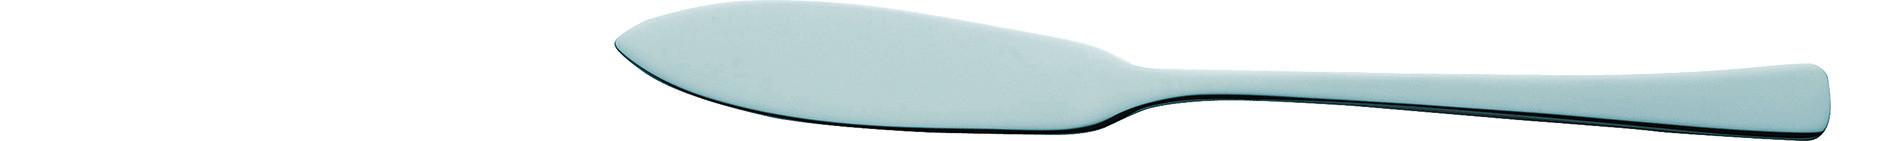 Karina, Fischmesser 213 mm